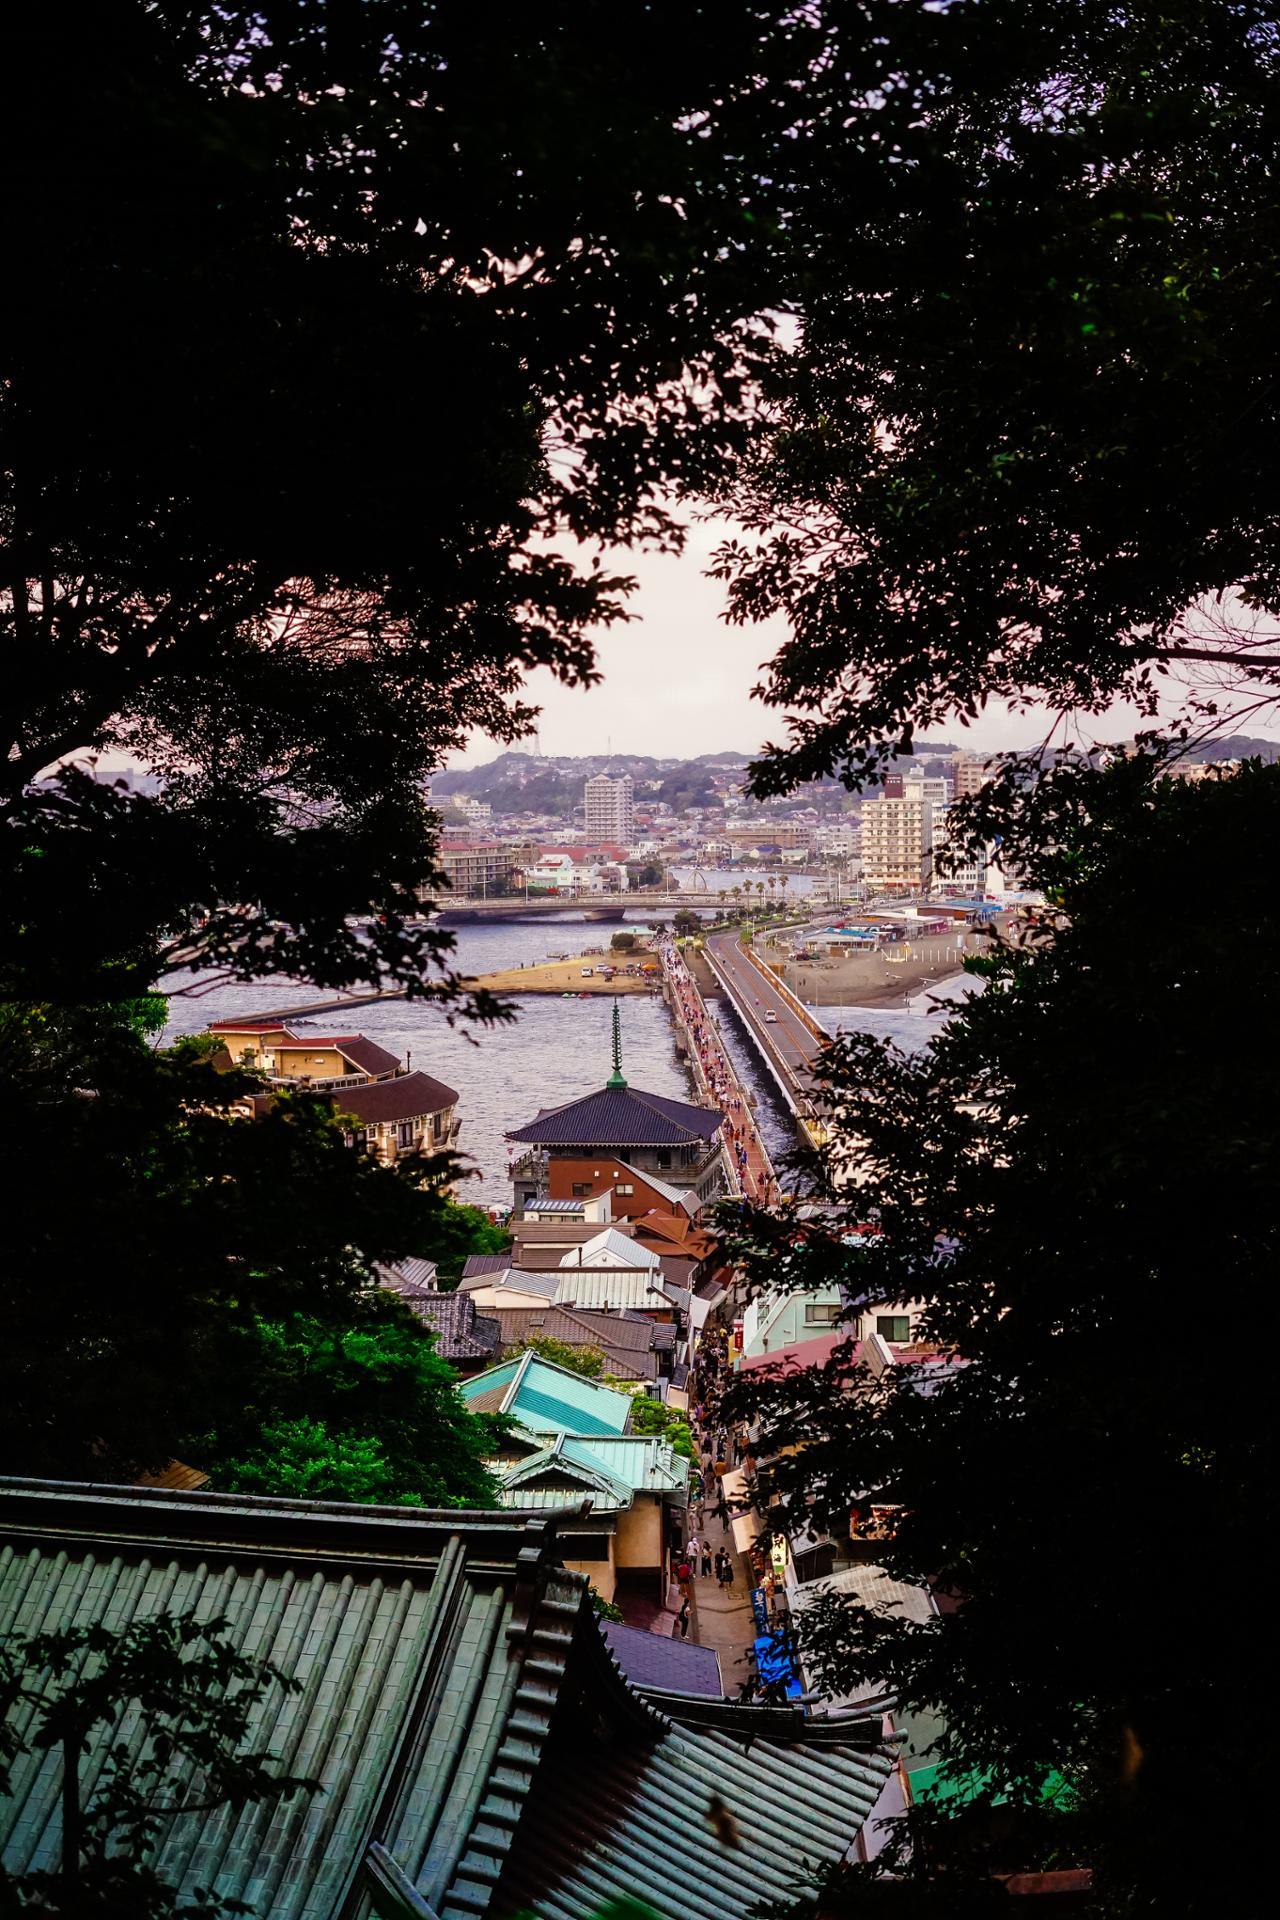 Enoshima III